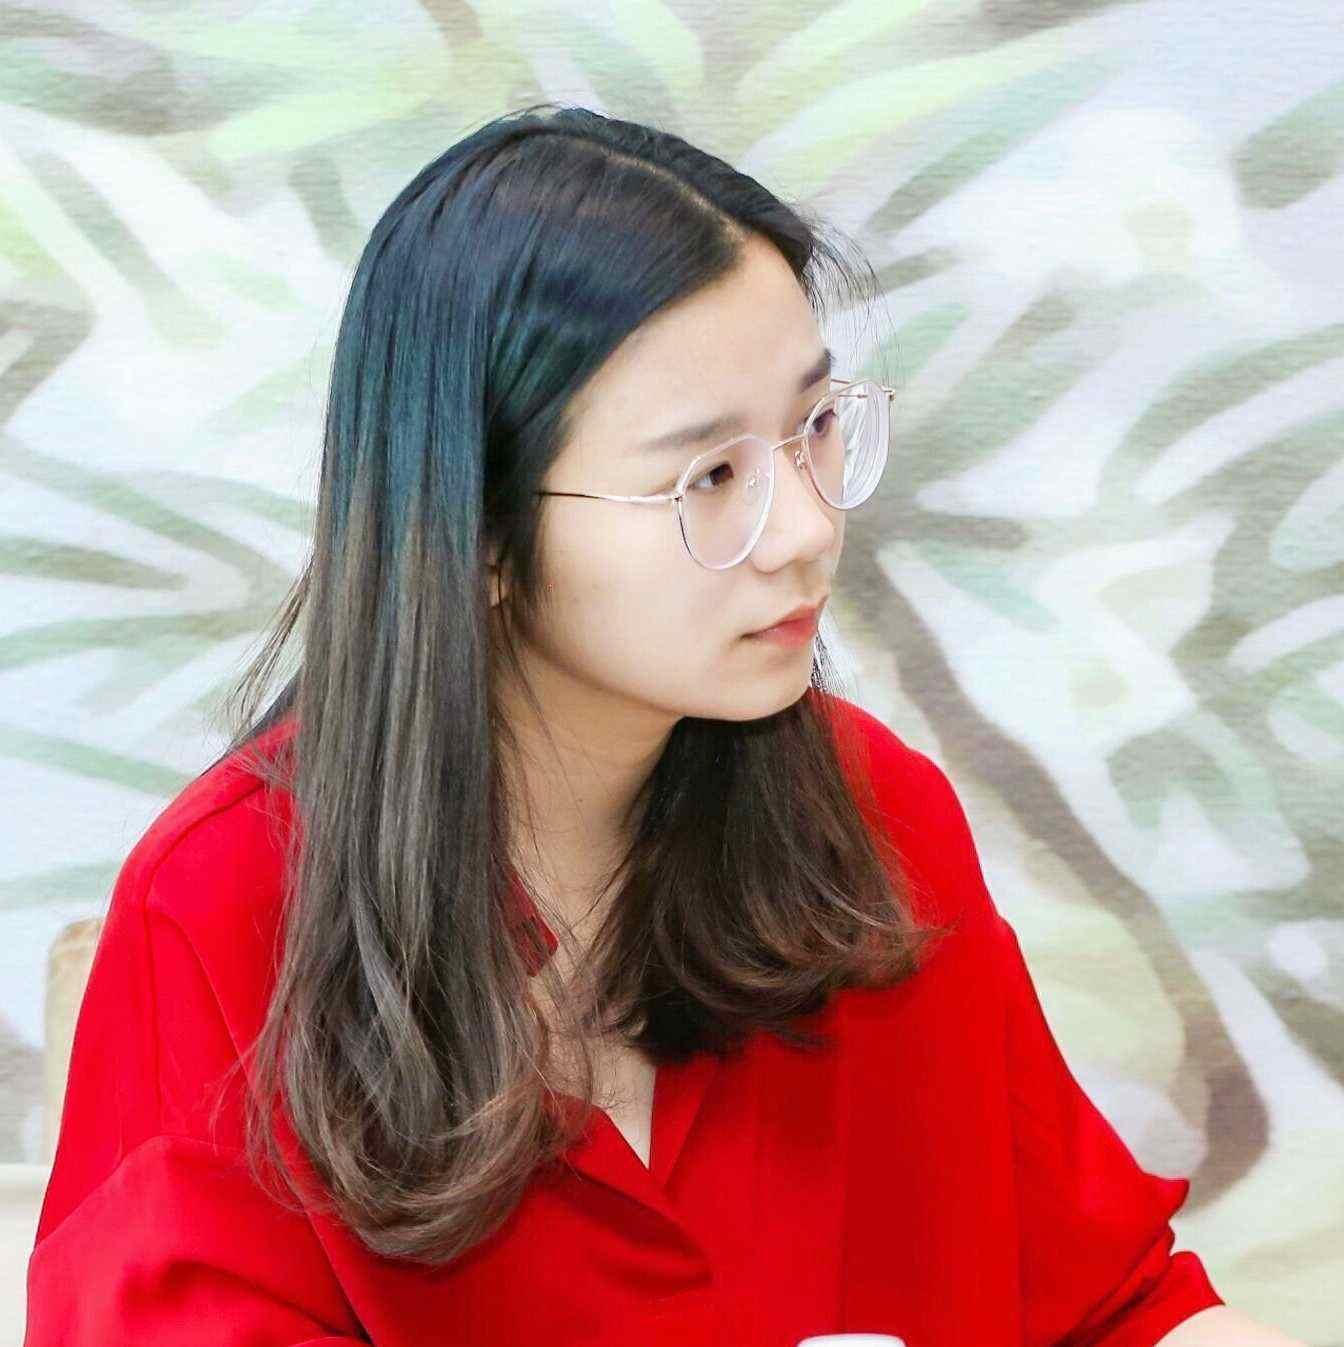 坐标杭州上海,微信:chenshuya66,加好友请备注来意